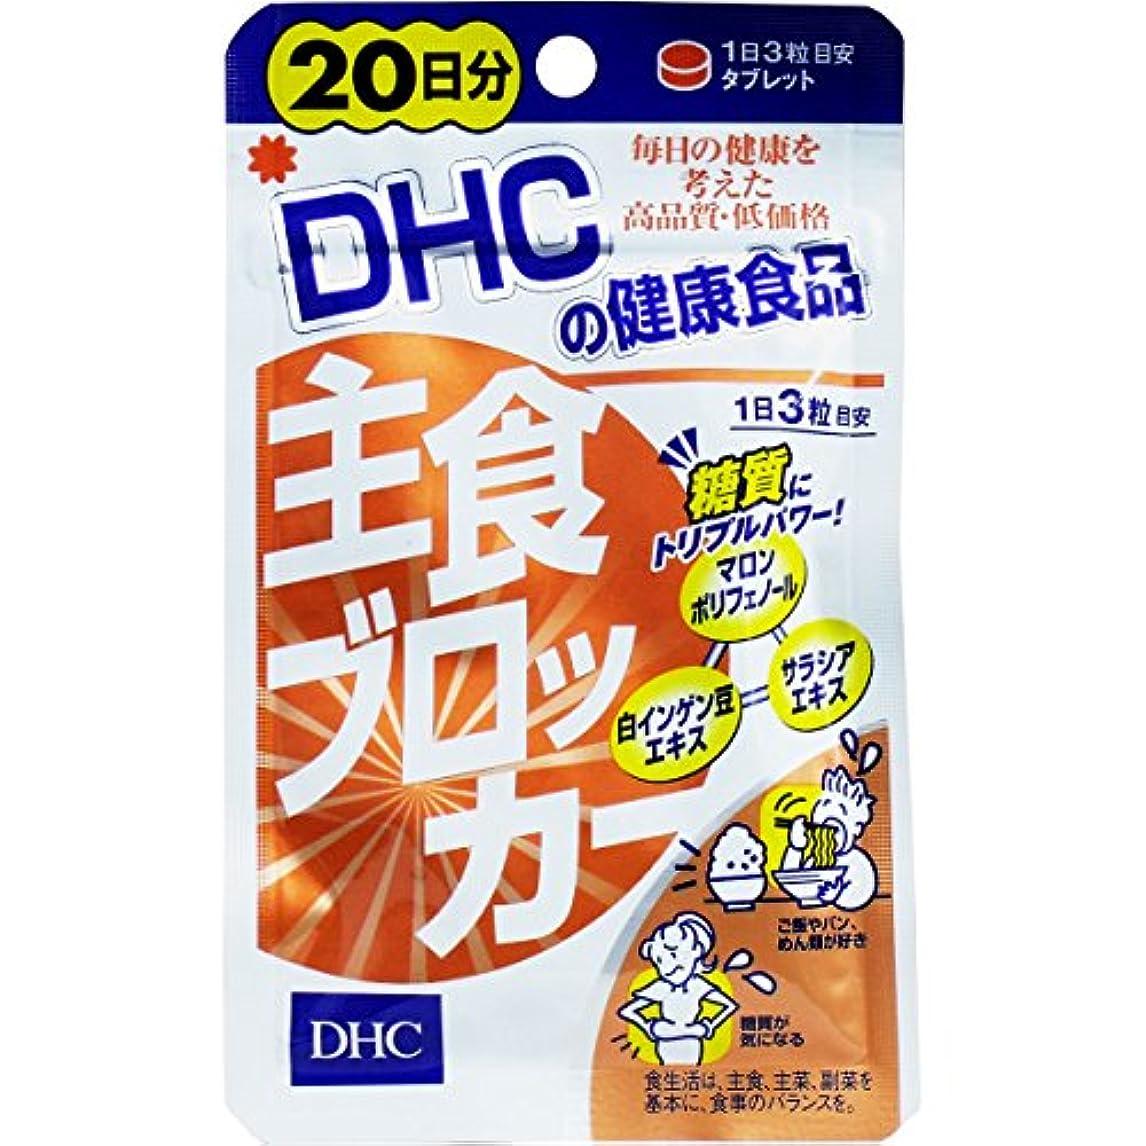 サプリ 主食好きさんの、健康とダイエットに 話題の DHC 主食ブロッカー 20日分 60粒入